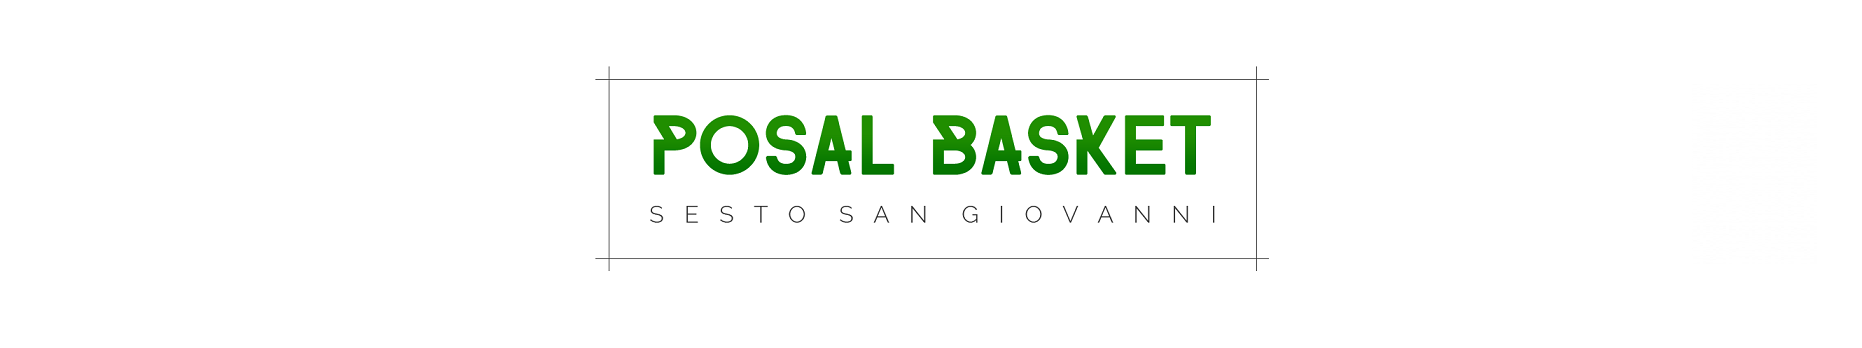 Associazione Basket Posal ASD logo